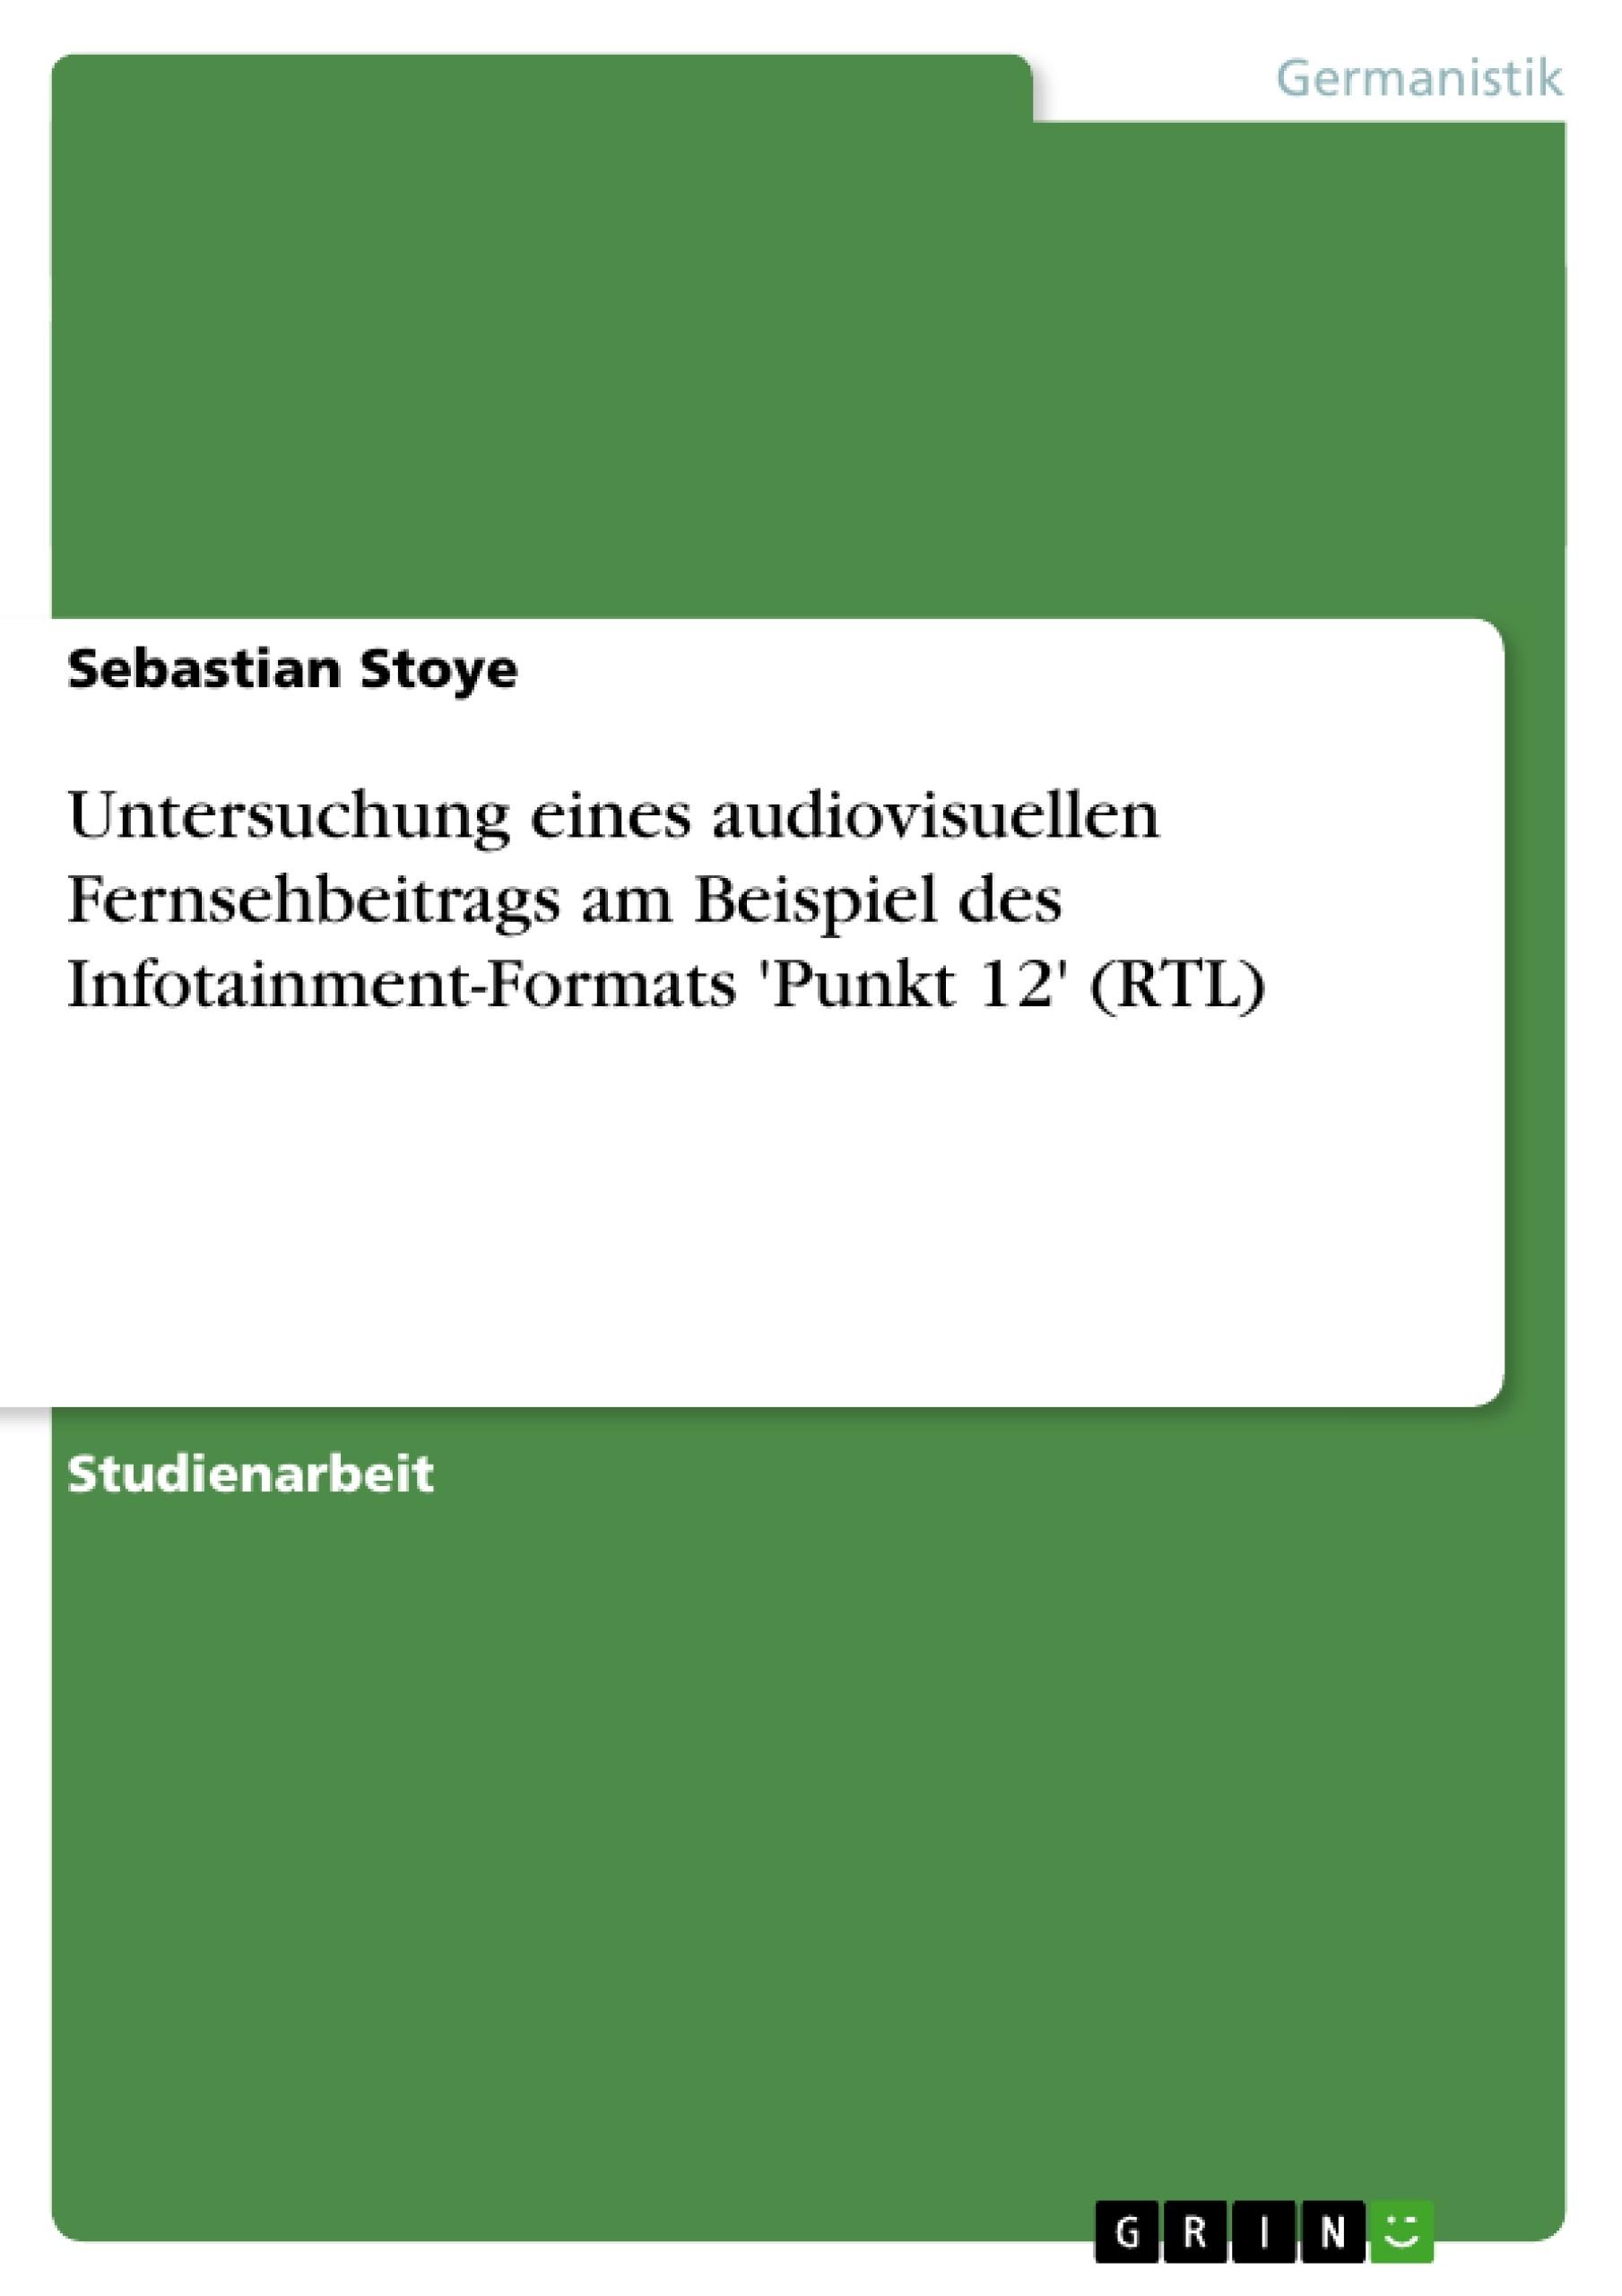 Titel: Untersuchung eines audiovisuellen Fernsehbeitrags am Beispiel des Infotainment-Formats 'Punkt 12' (RTL)